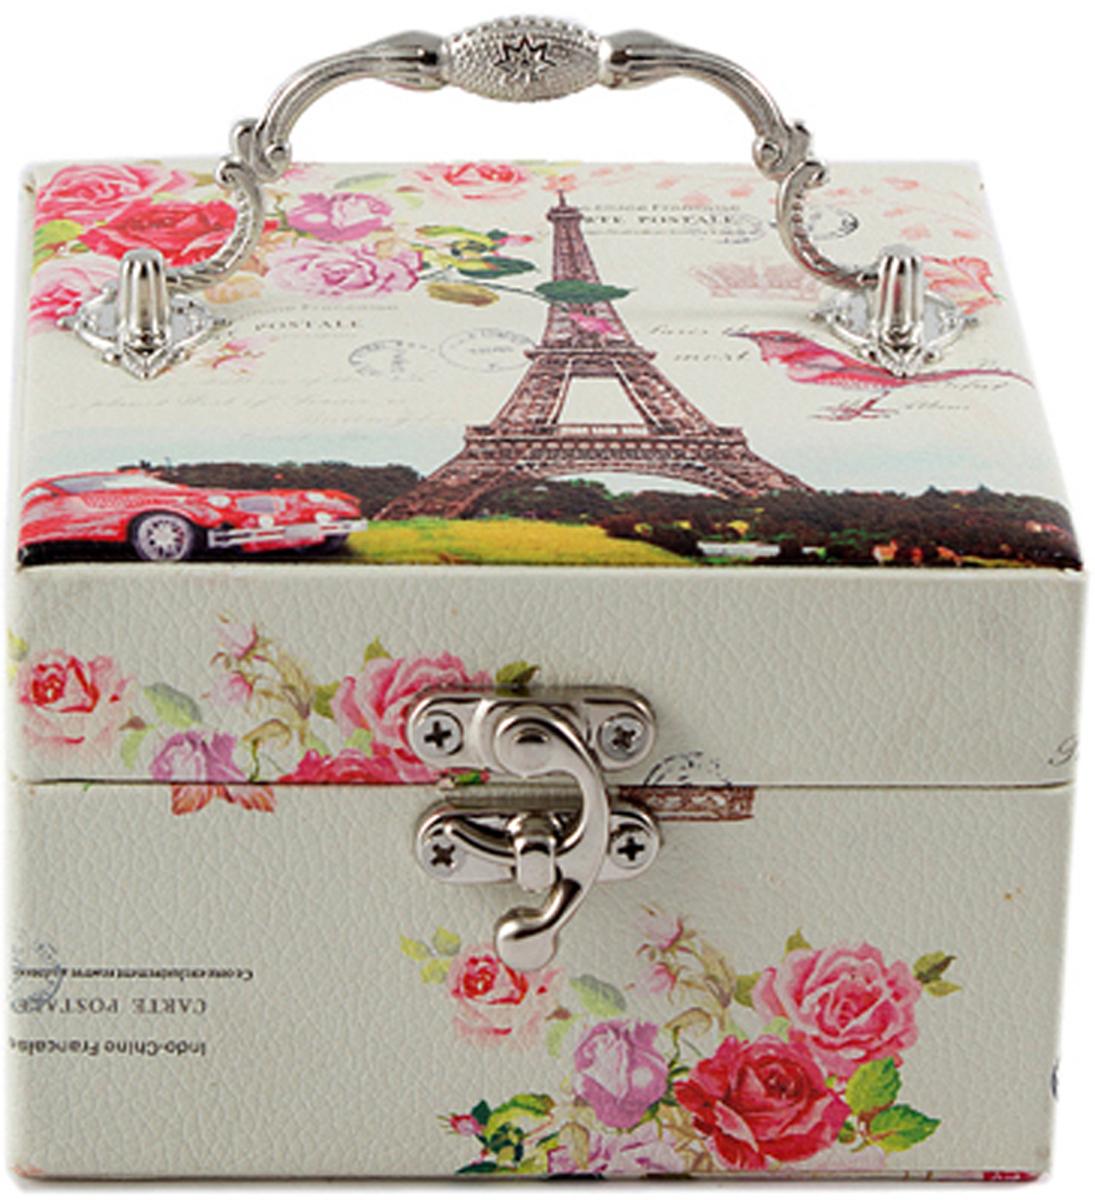 Шкатулка для украшений, цвет: розовый, 12,5 х 12,5 х 9 см. 84551